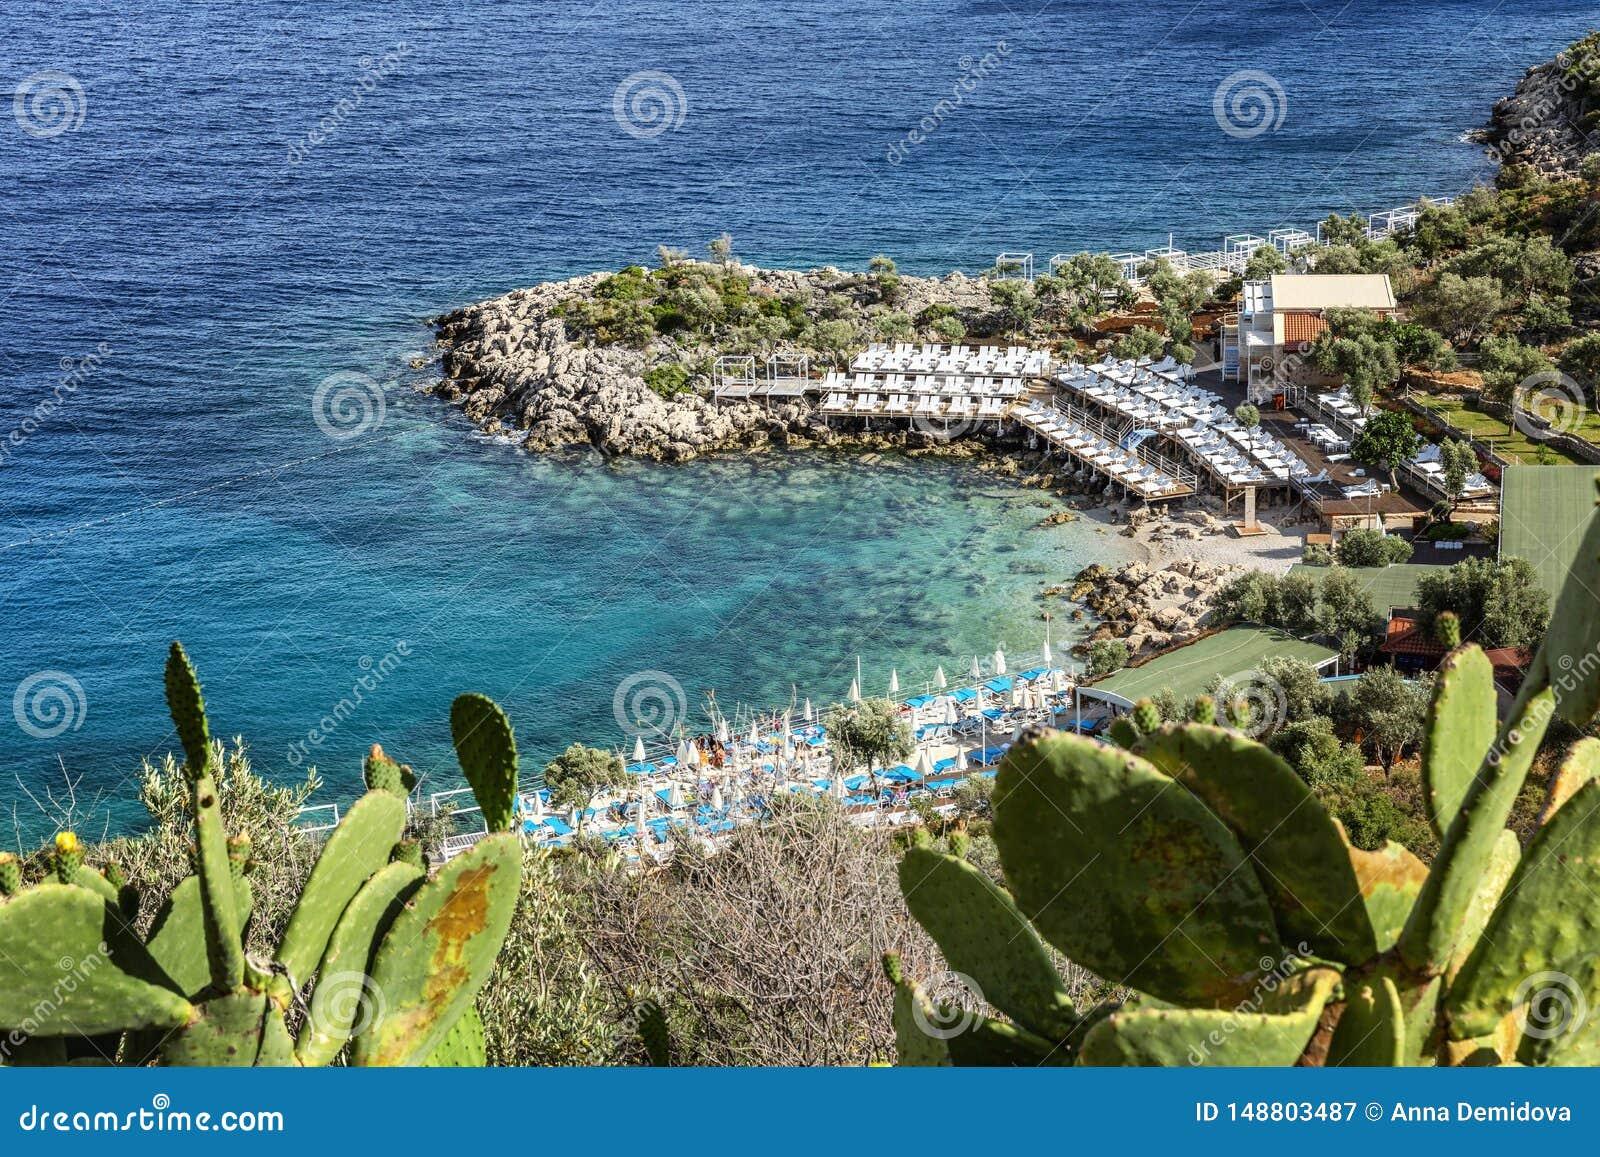 Belle plage sur une plage rocheuse avec des canapés et des parapluies du soleil Horizontal magnifique